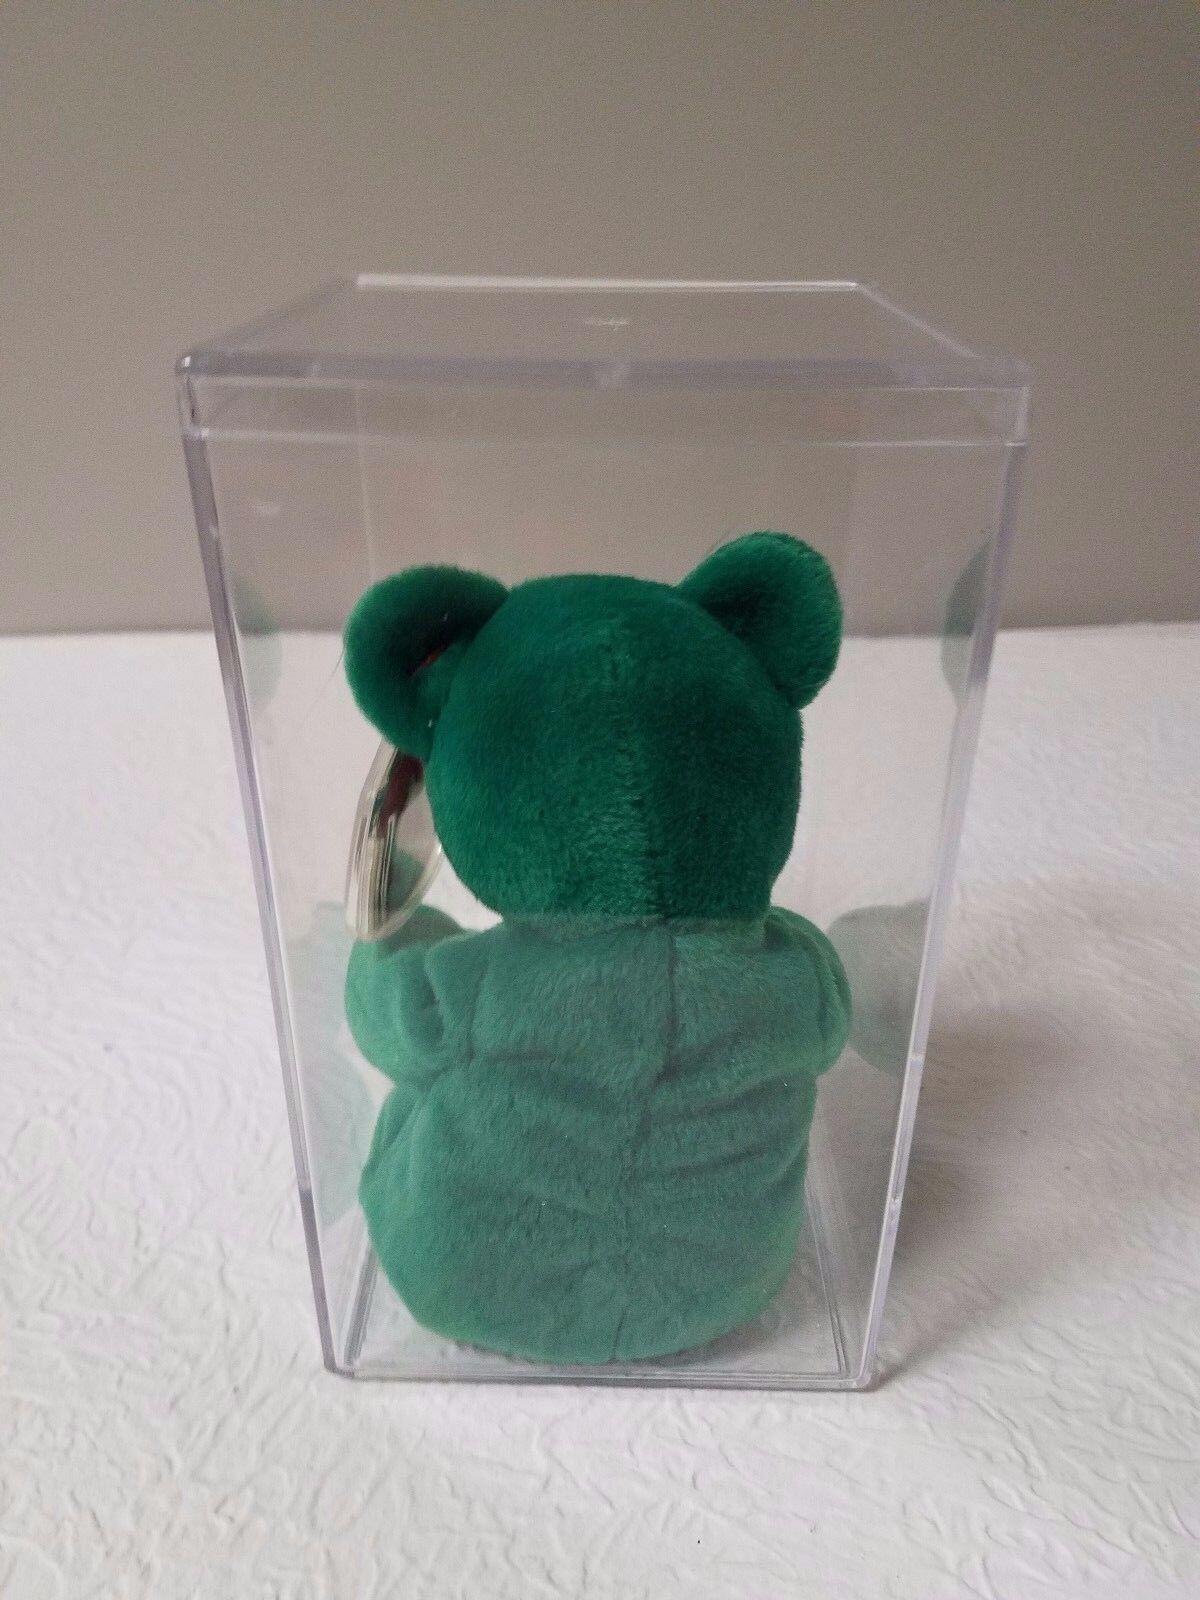 TY TEENIE BEANIE ERIN THE IRISH IRISH IRISH 8  PLUSH BEAR TOY NEW IN PLASTIC BOX 36b37f